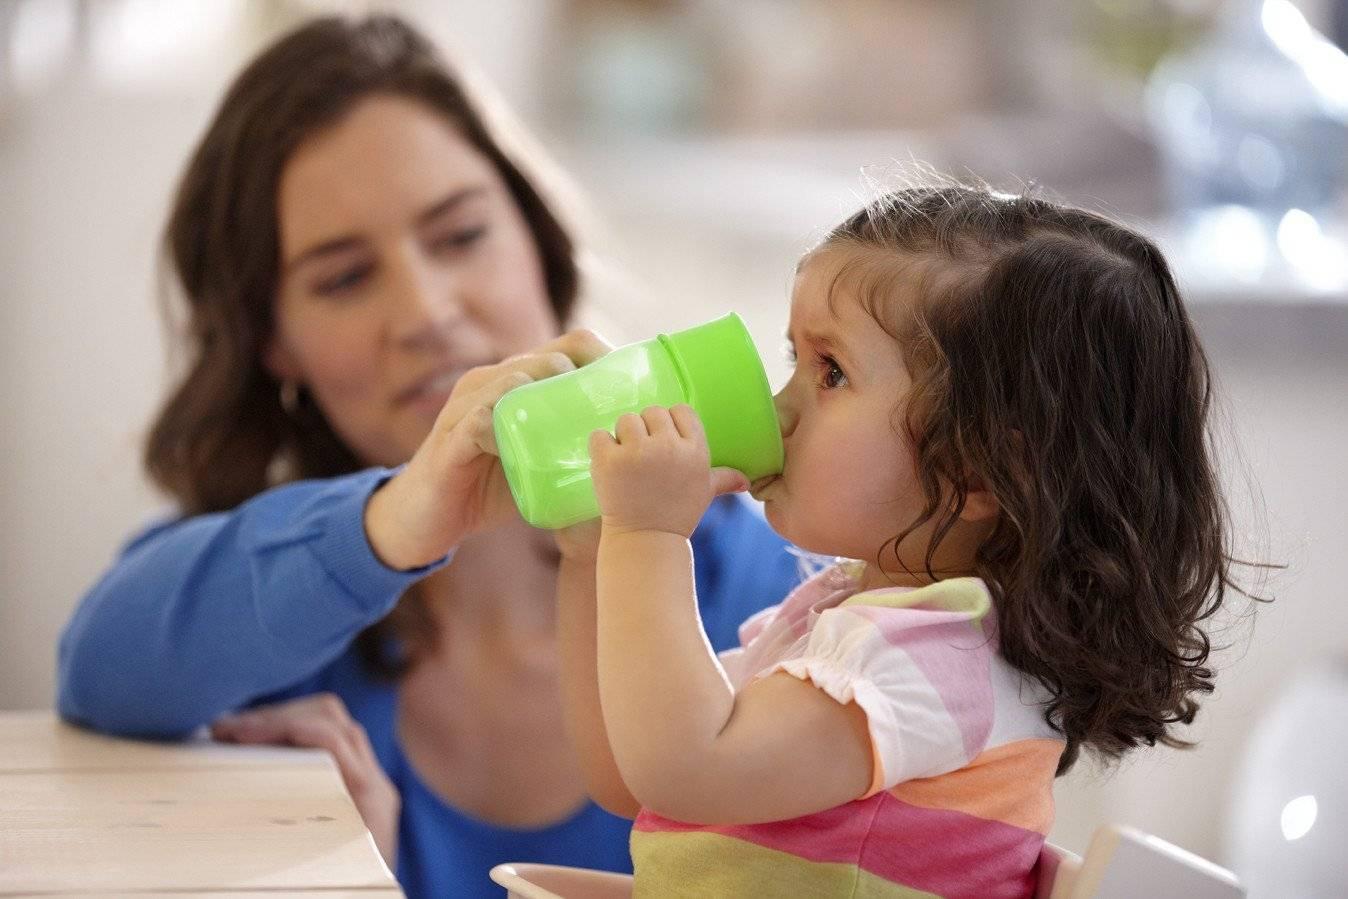 Почему поилка для ребенка небезопасна и почему стоит научить малыша пить из чашки?